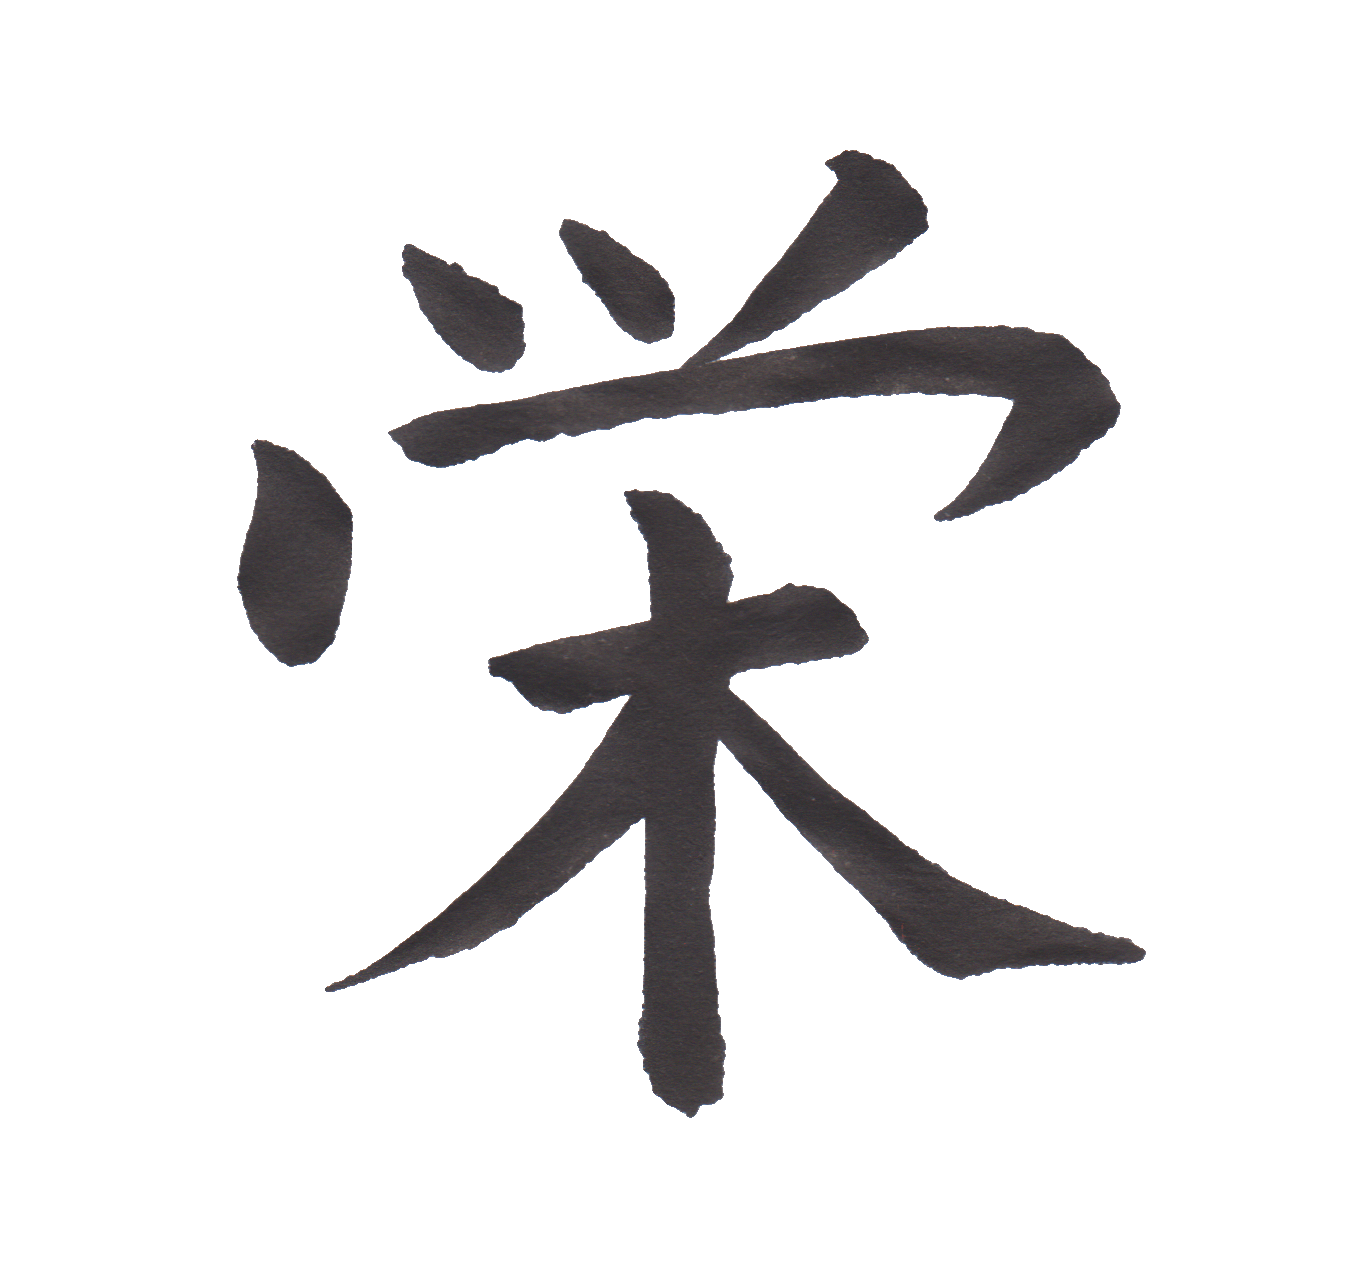 学校で習う漢字三体字典【小学生編四年生のまとめ】投稿ナビゲーションプロフィールブログコンセプト考察毛筆辞書男の料理最近の投稿最近のコメントアーカイブカテゴリー